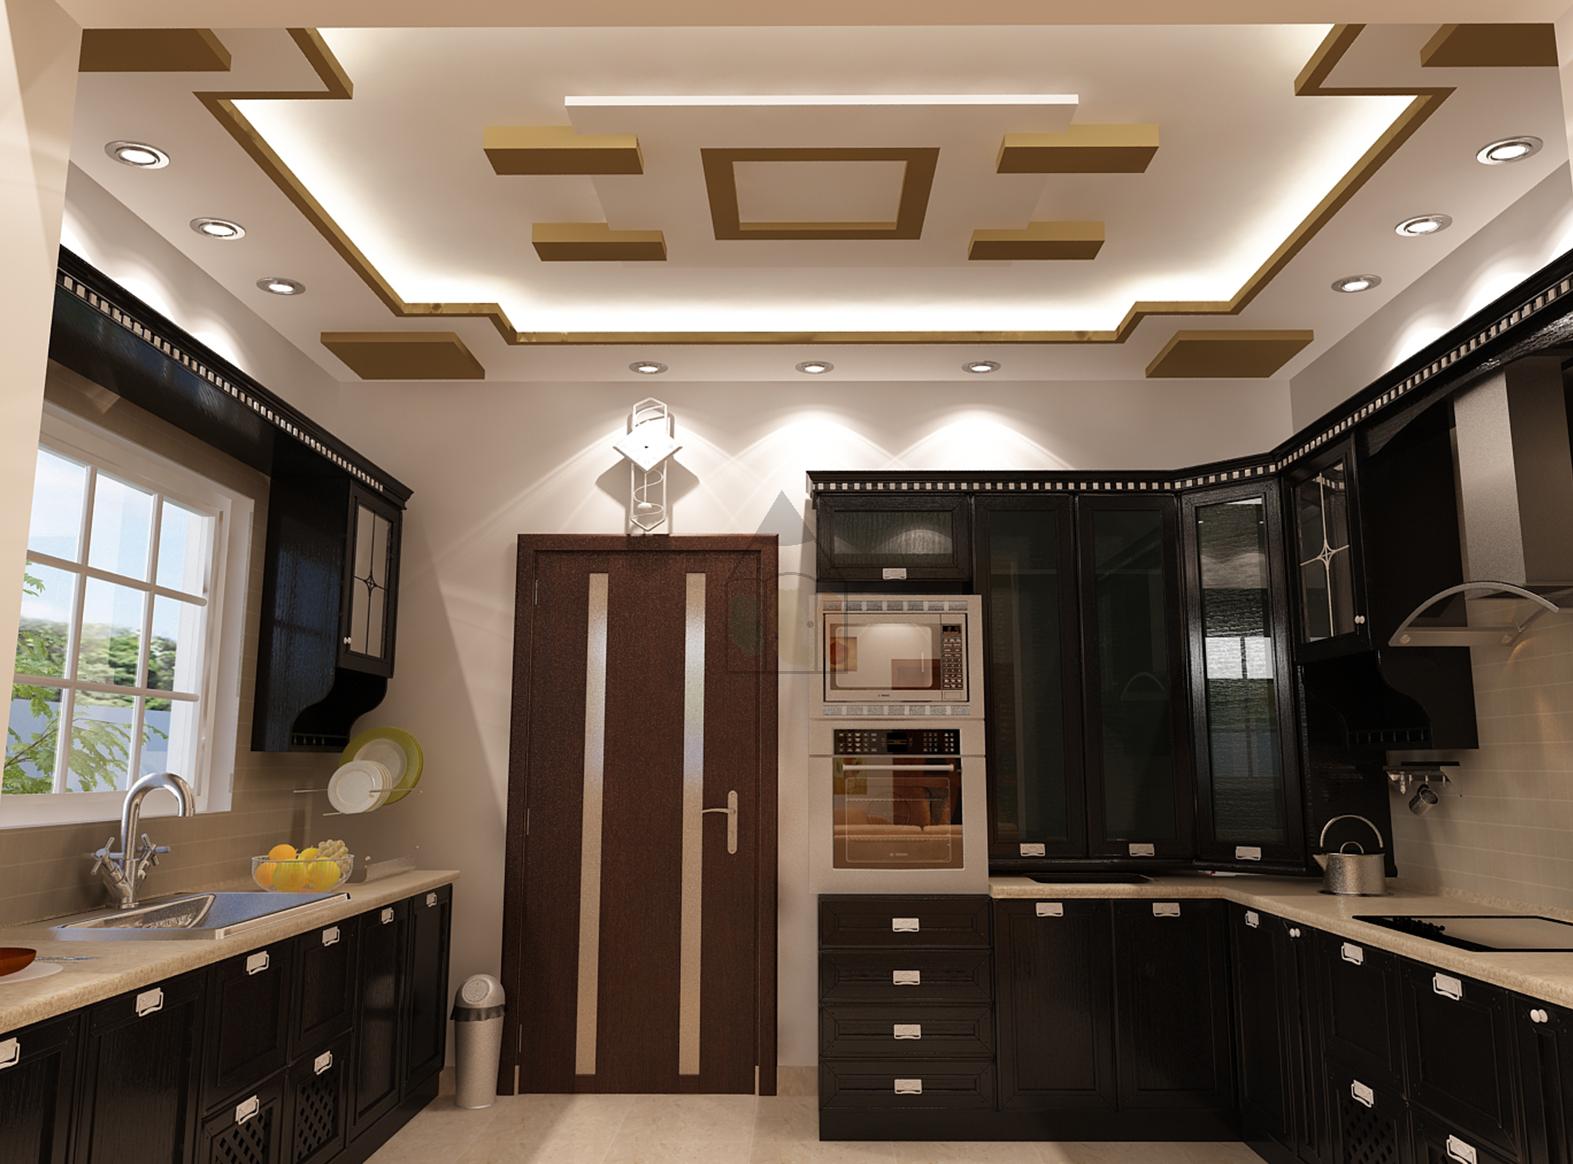 pakistani kitchen design   kitchen design in 2018   pinterest